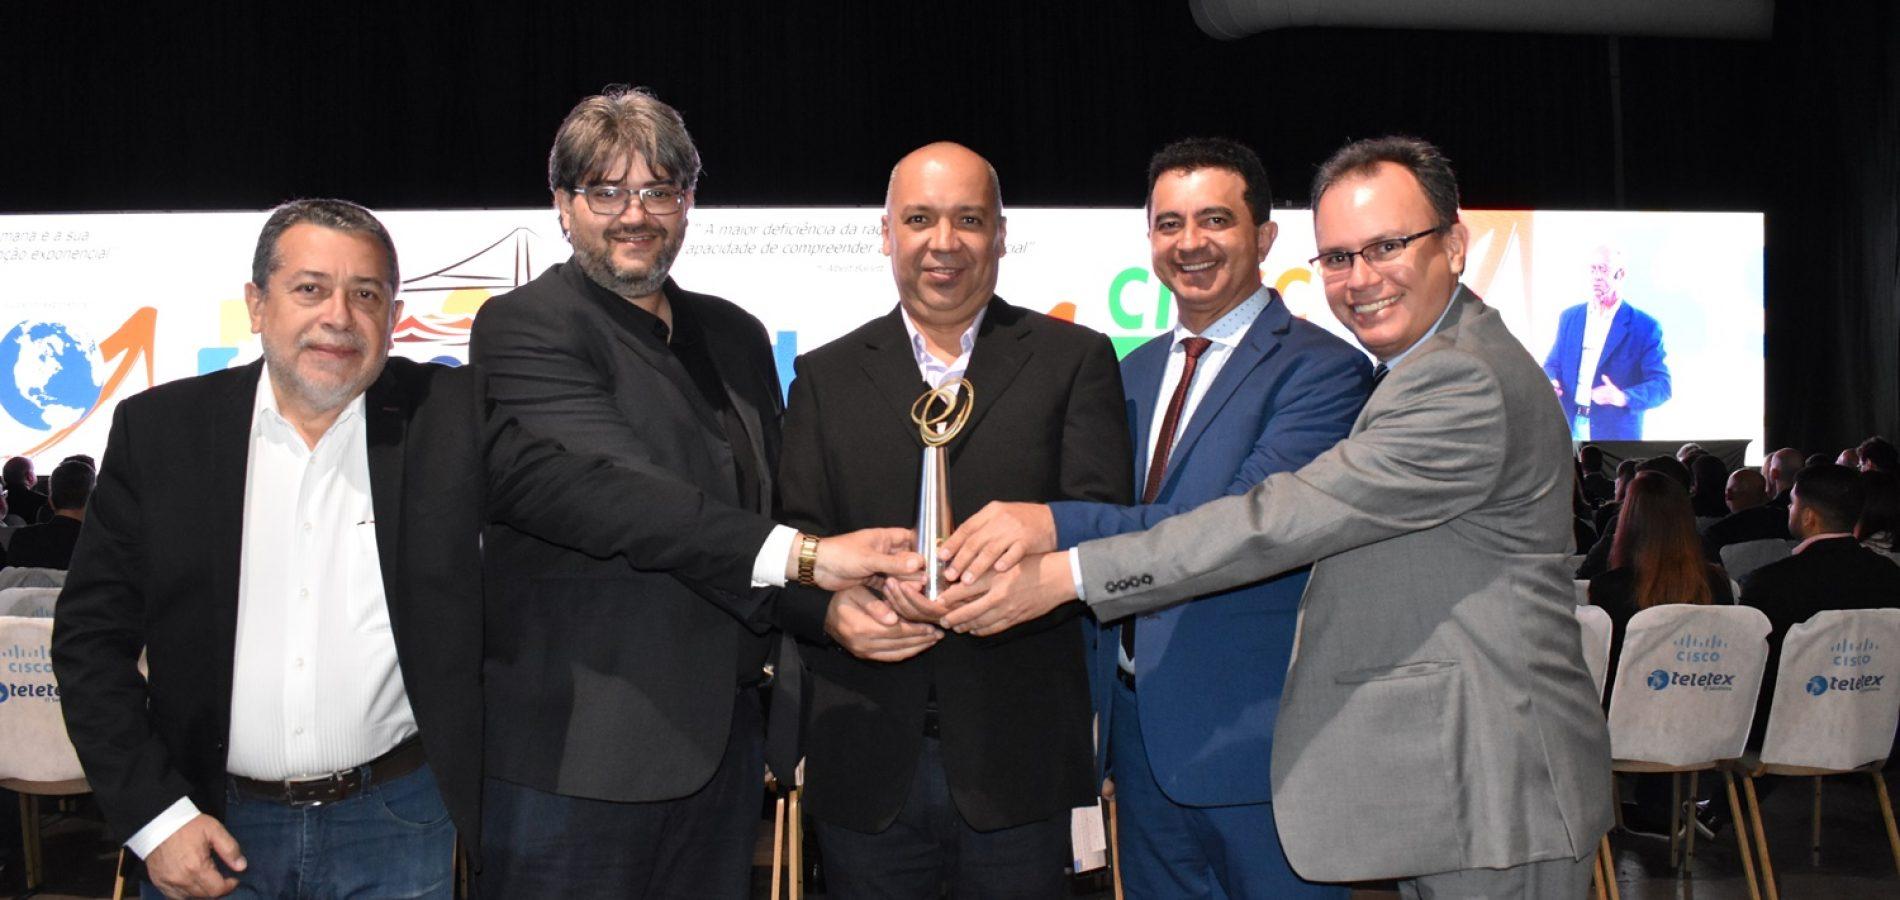 Piauí recebe troféu nacional de tecnologia com o app Salve Maria